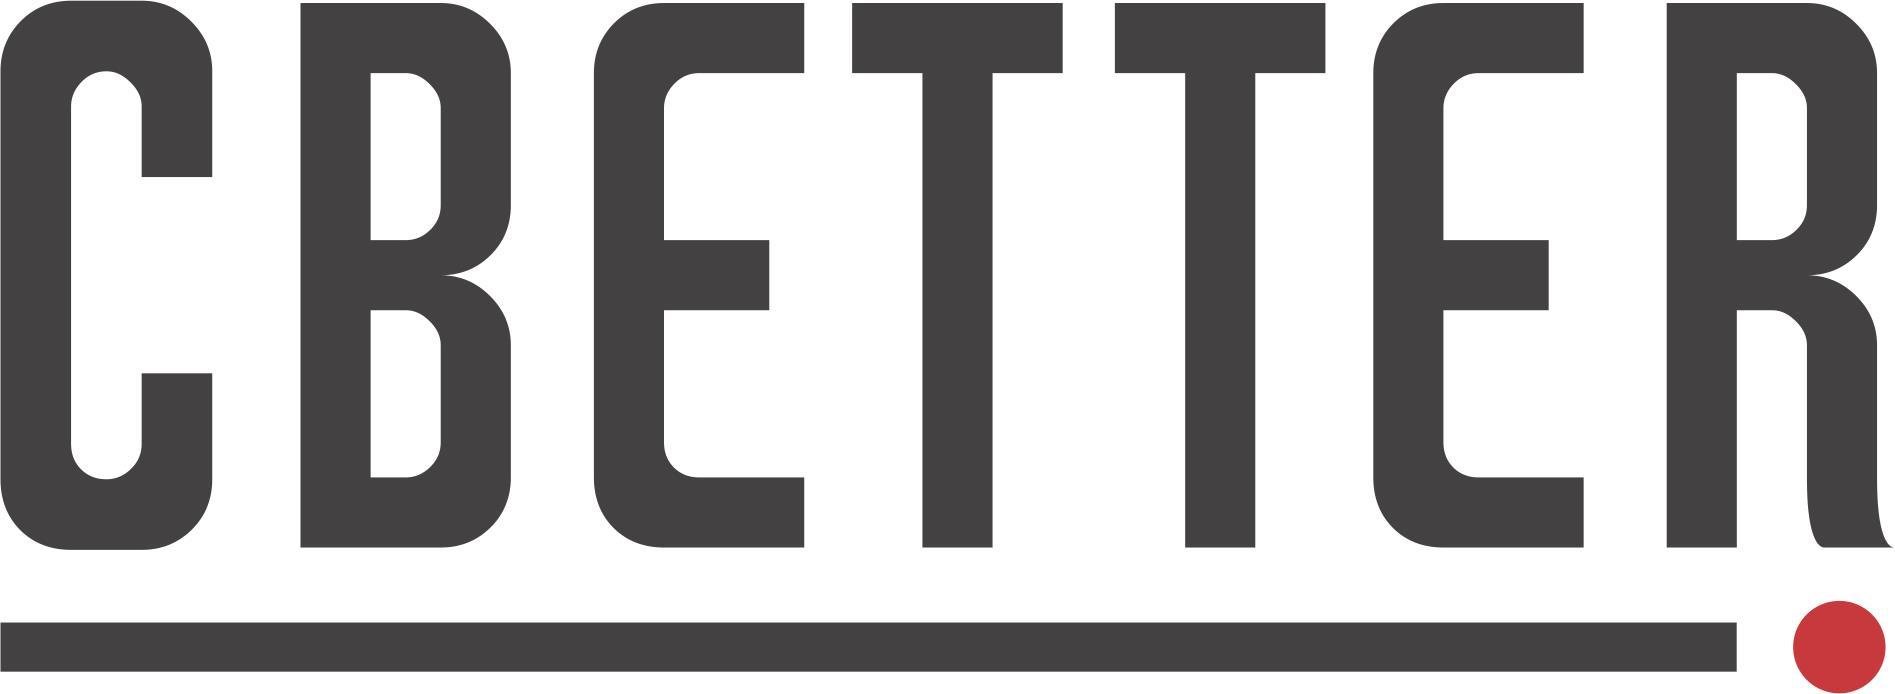 Cbetter Logo